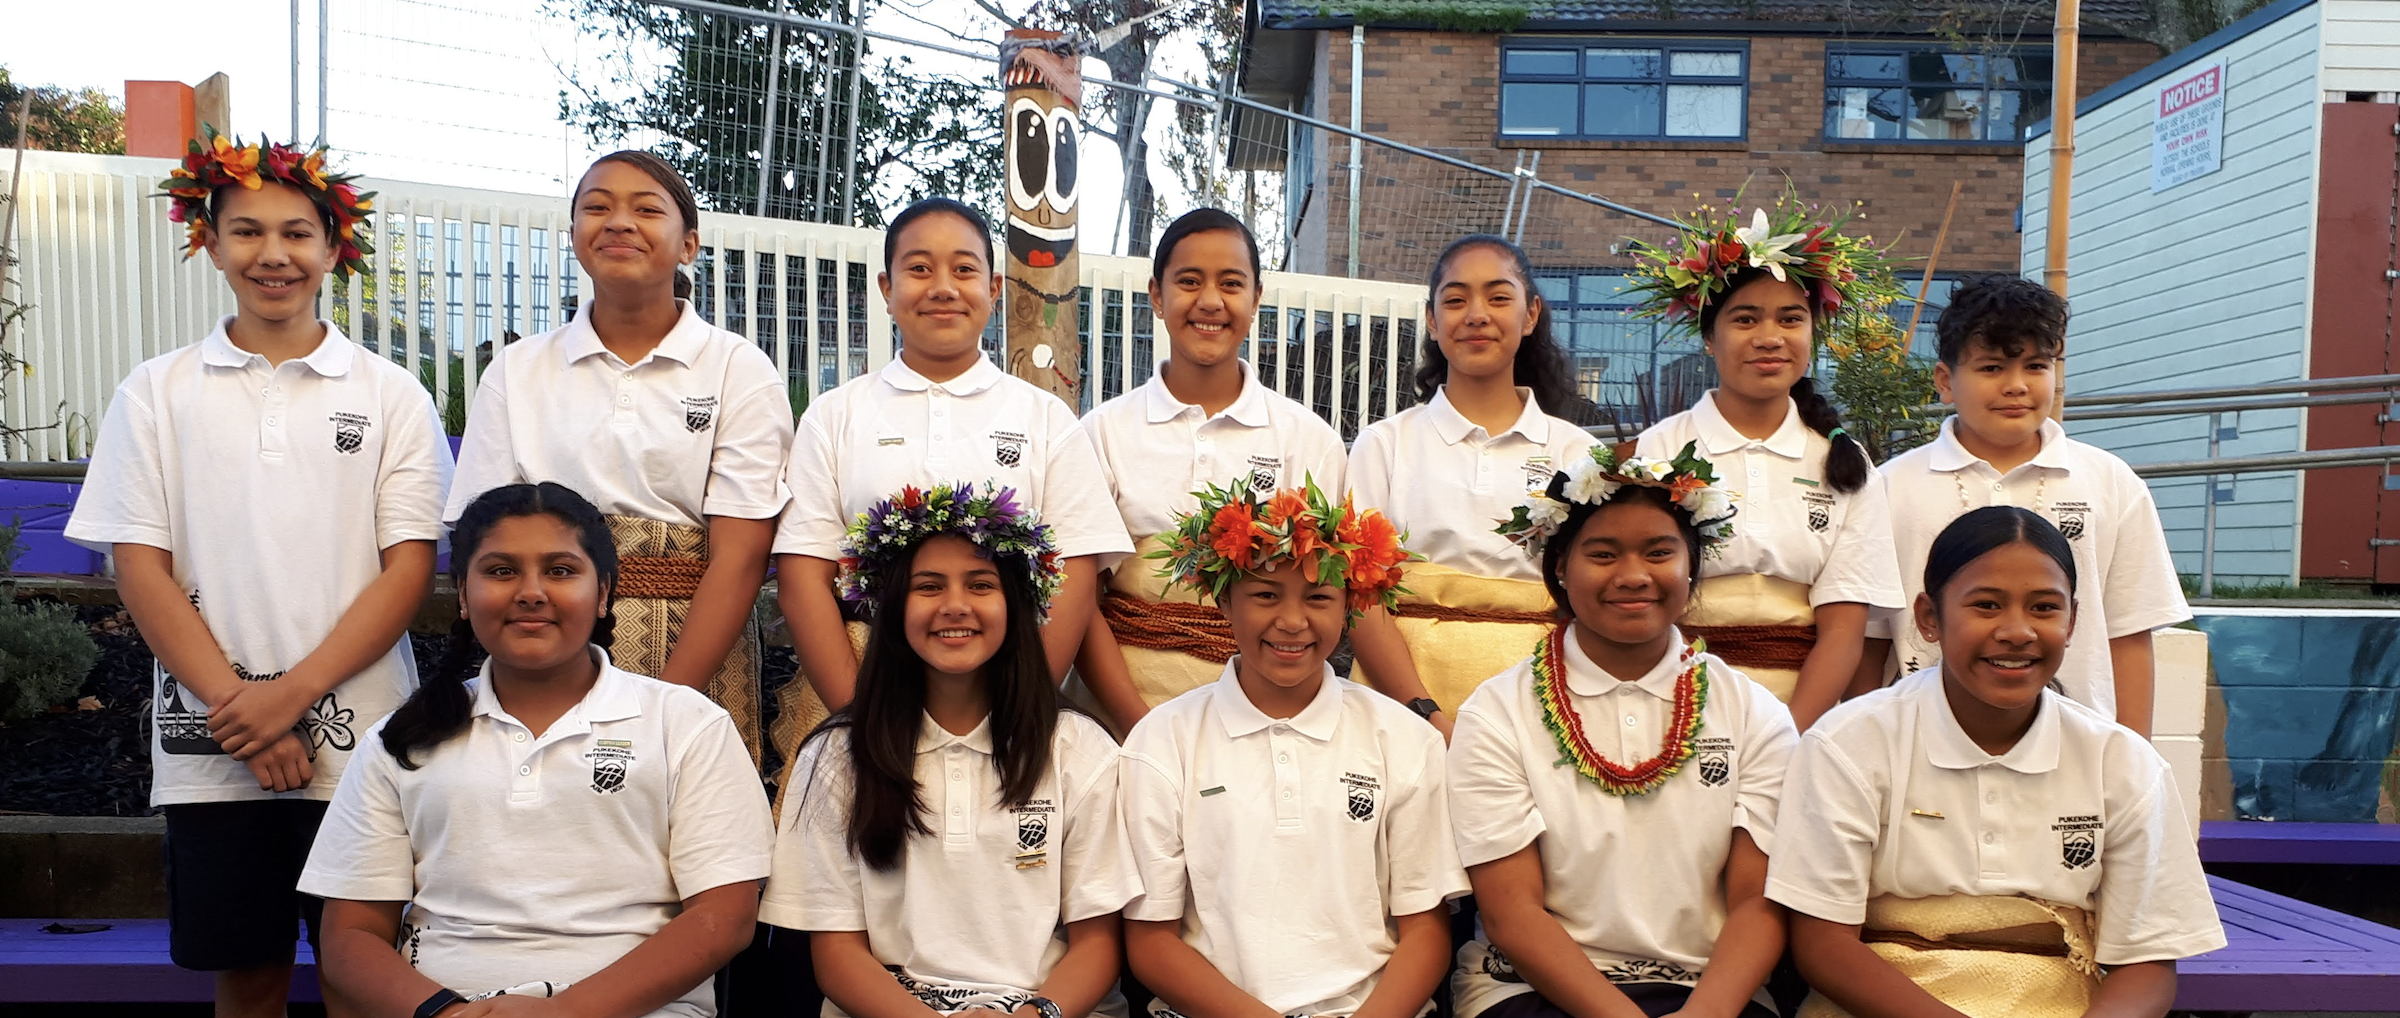 Pasifika Leaders